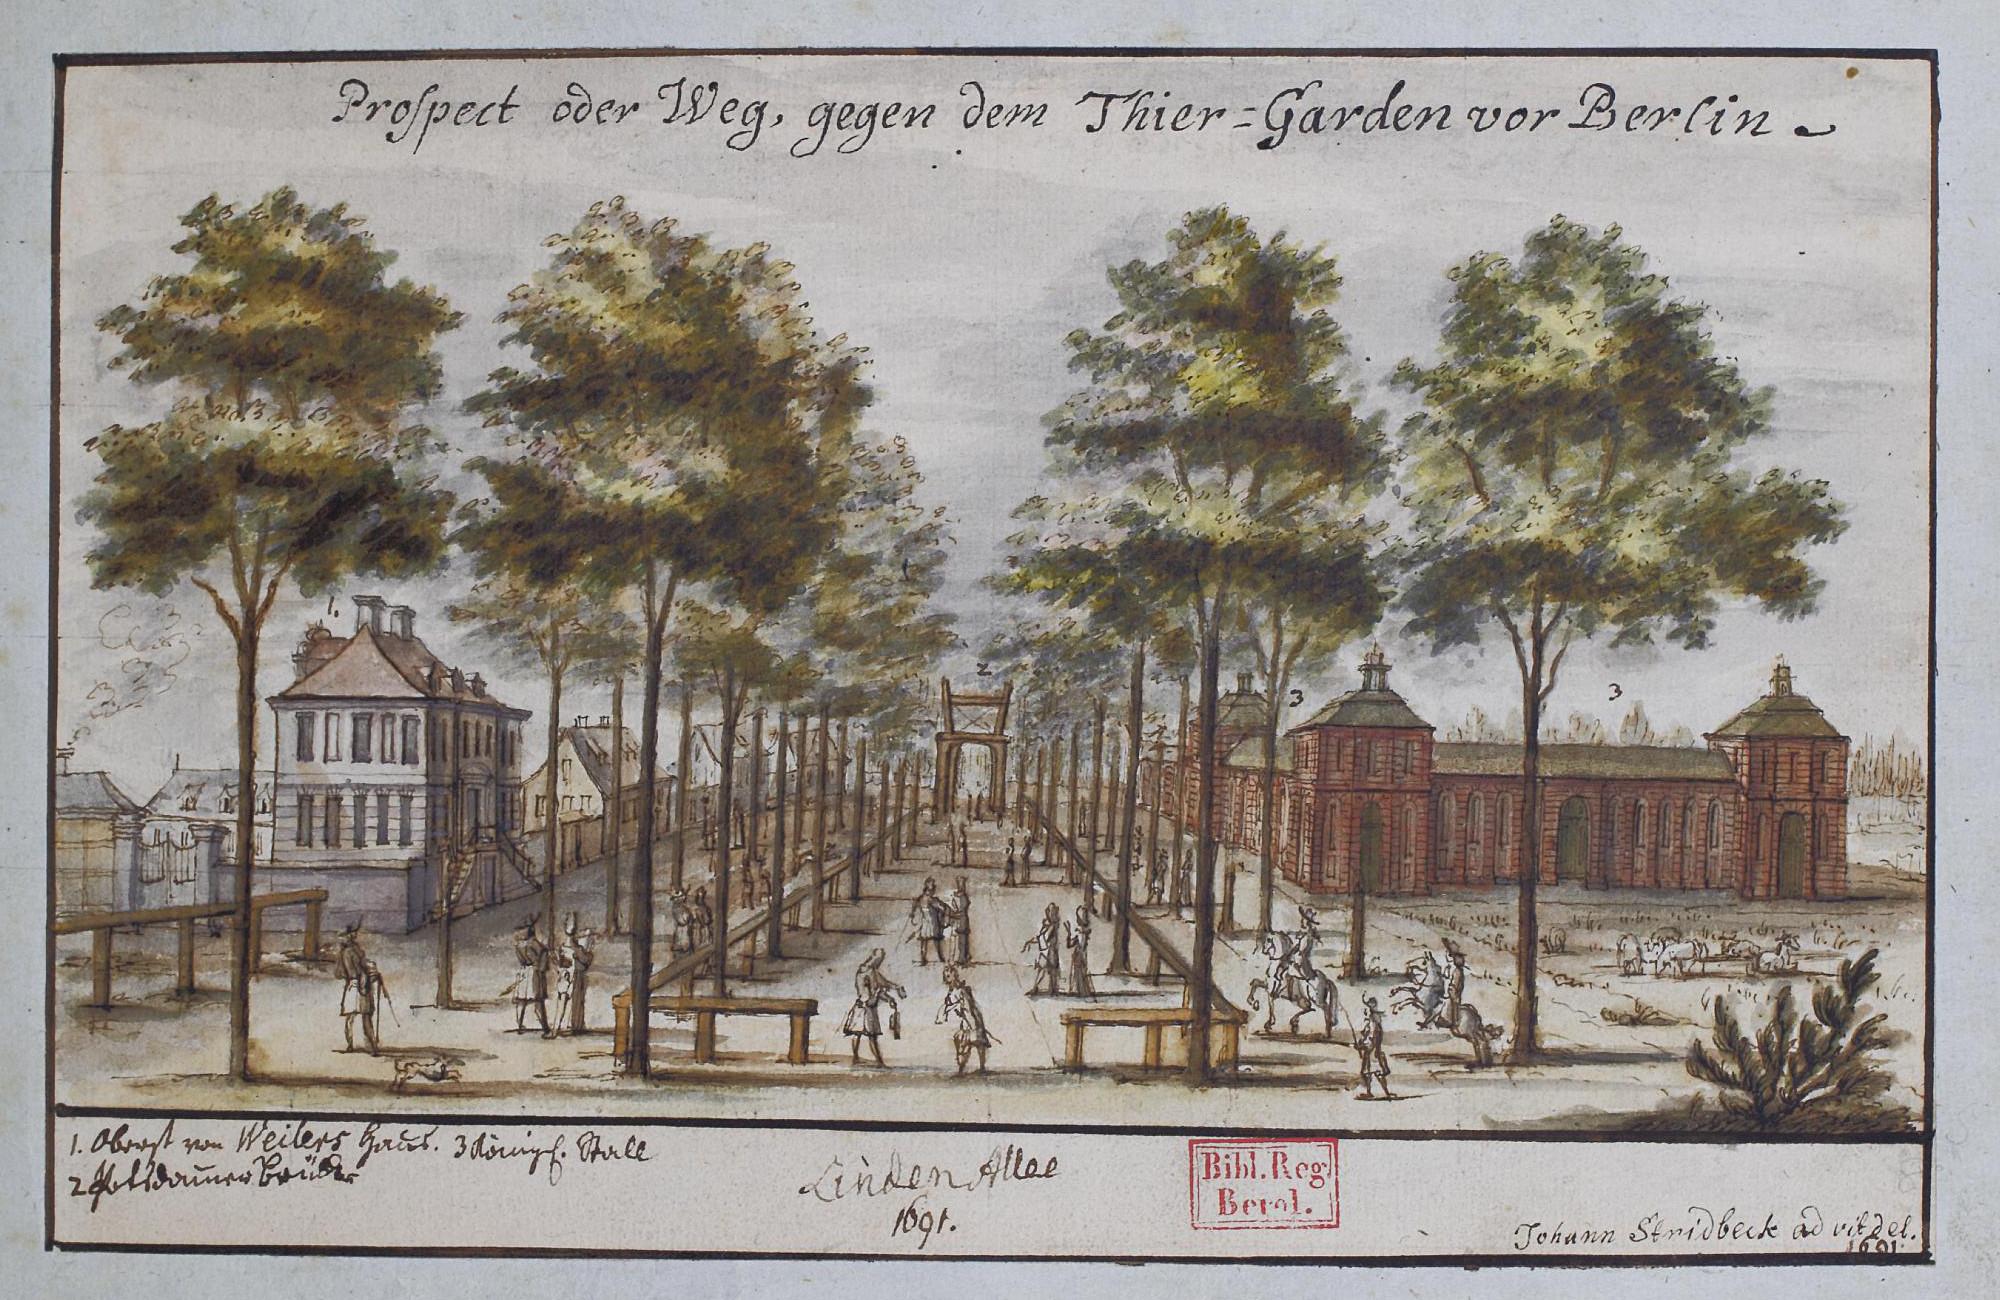 File:Lindenallee Berlin 1691.jpg